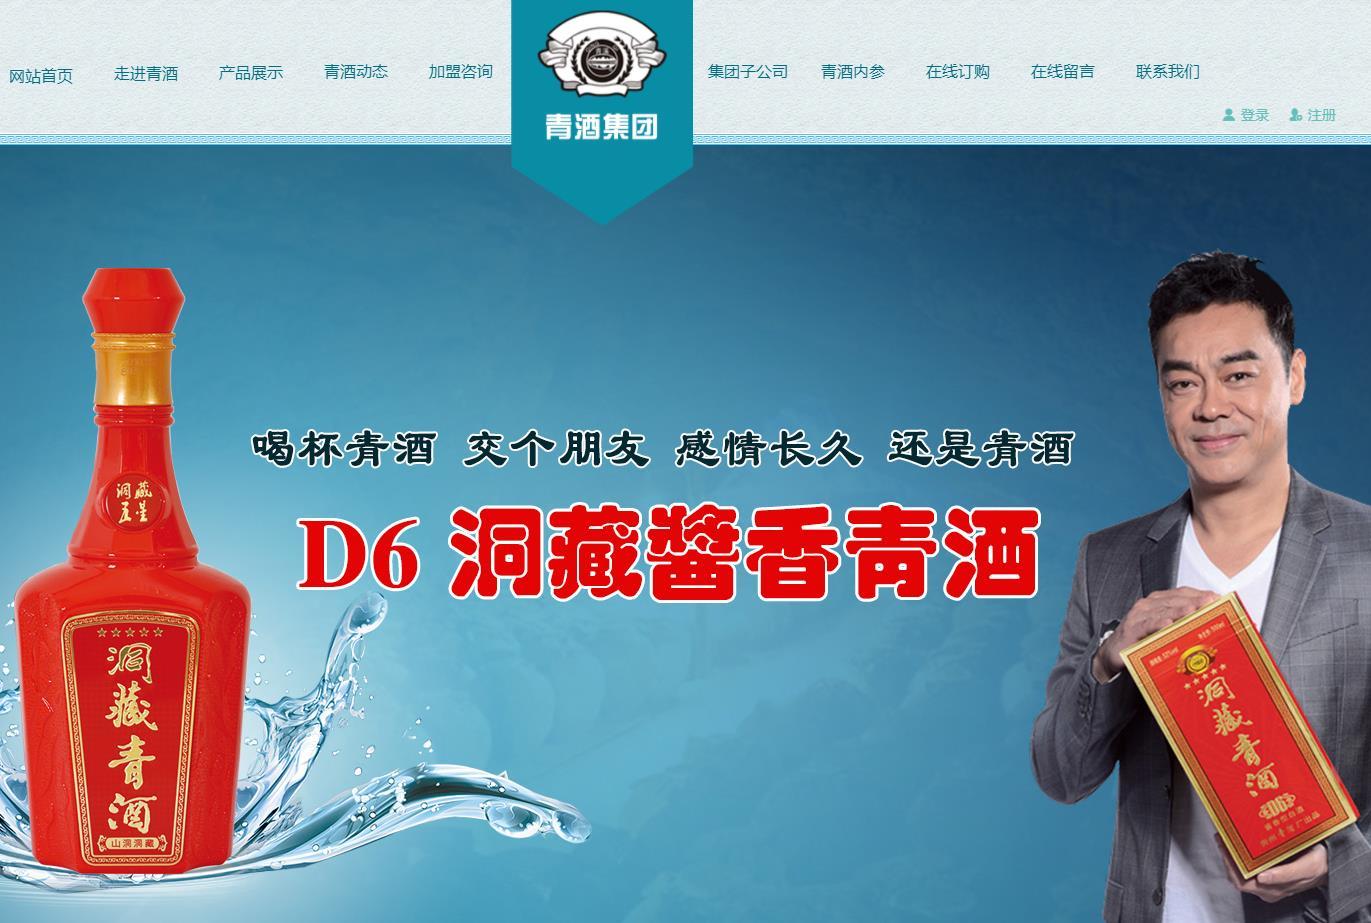 青酒官网 贵州青酒集团有限责任公司